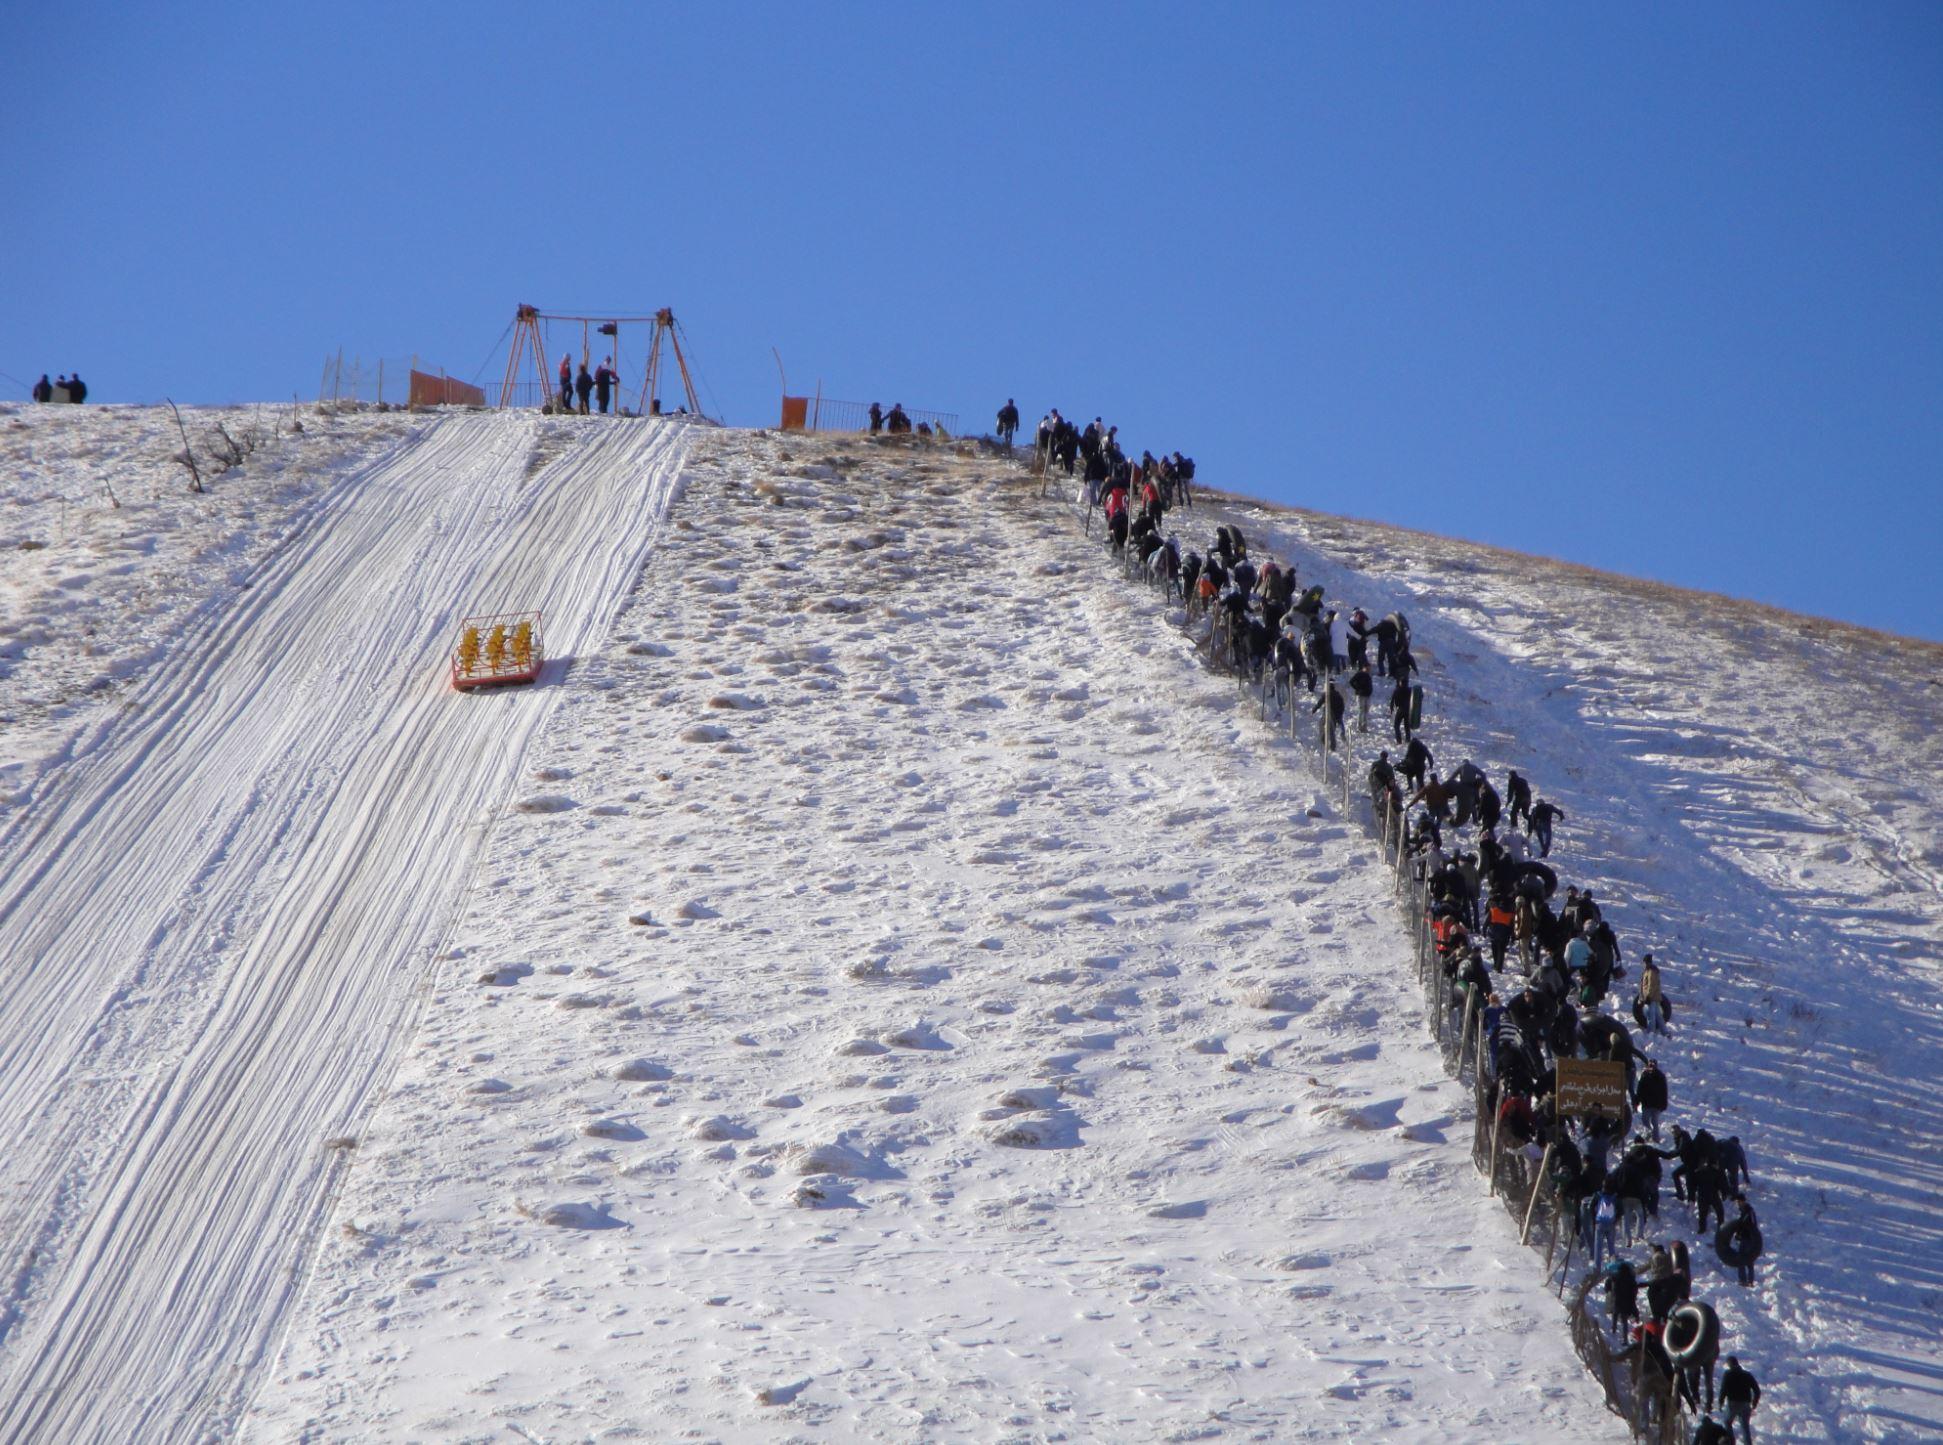 Abali Skiing